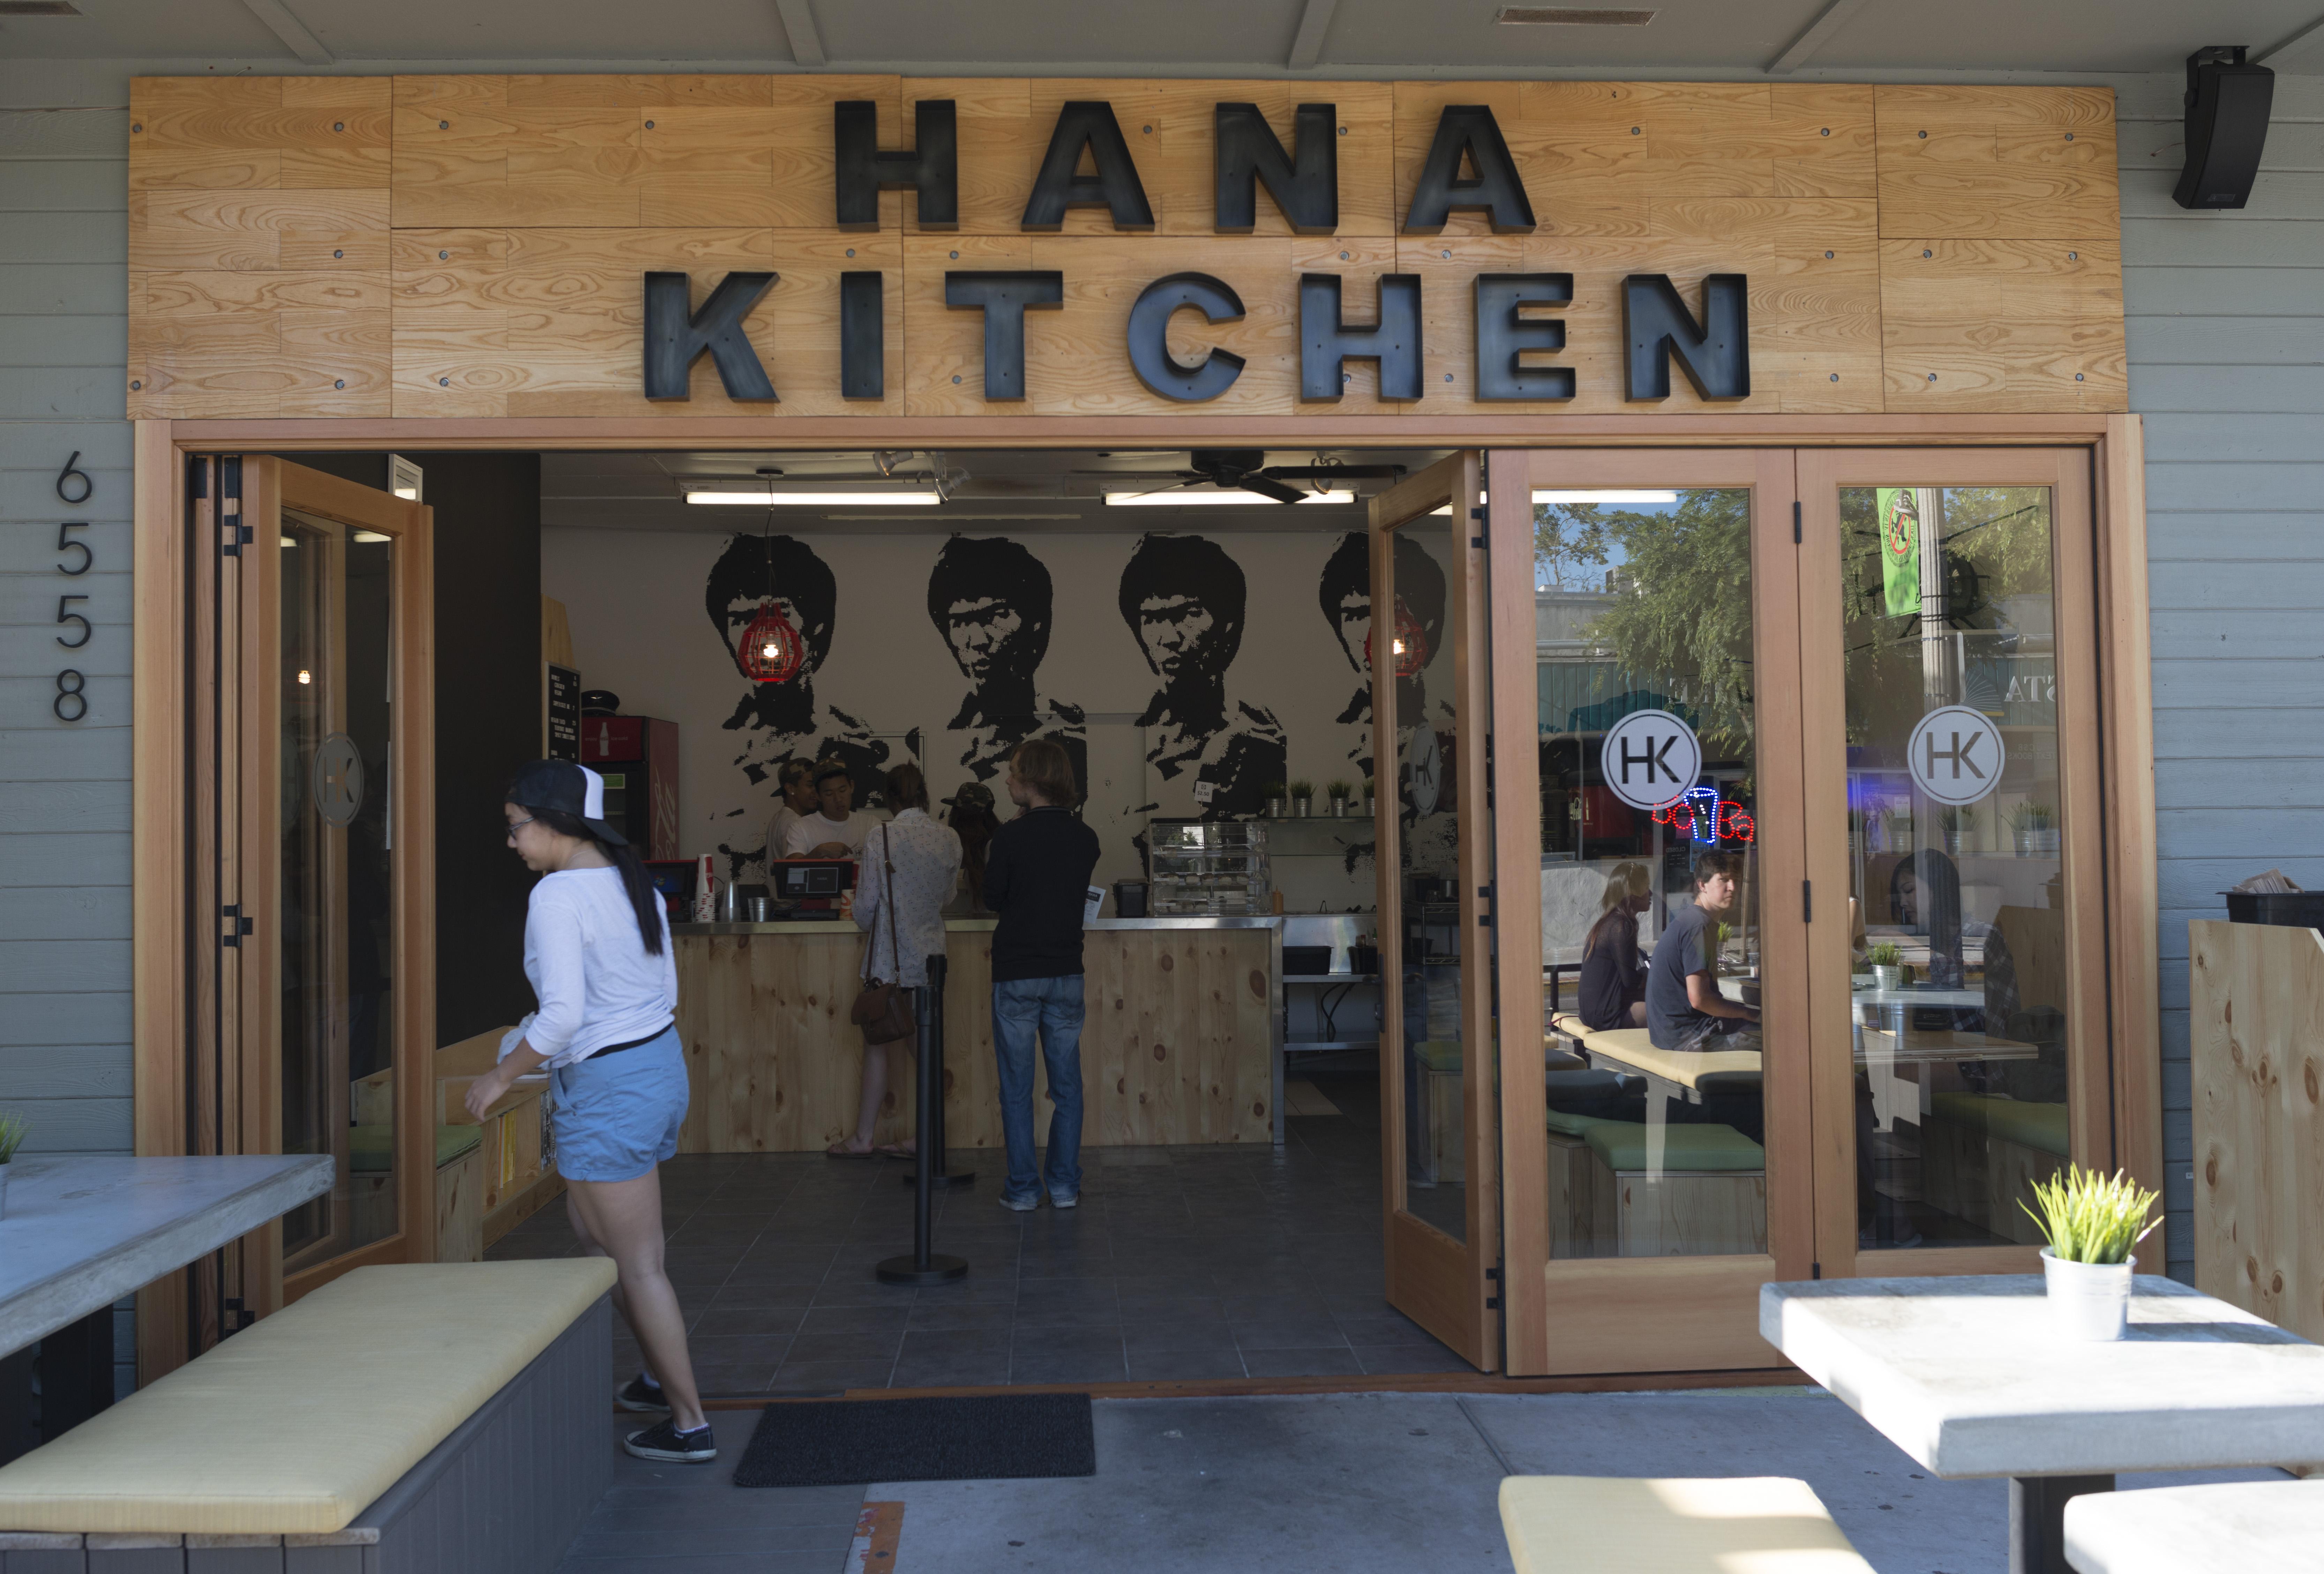 hana kitchen review the bottom line